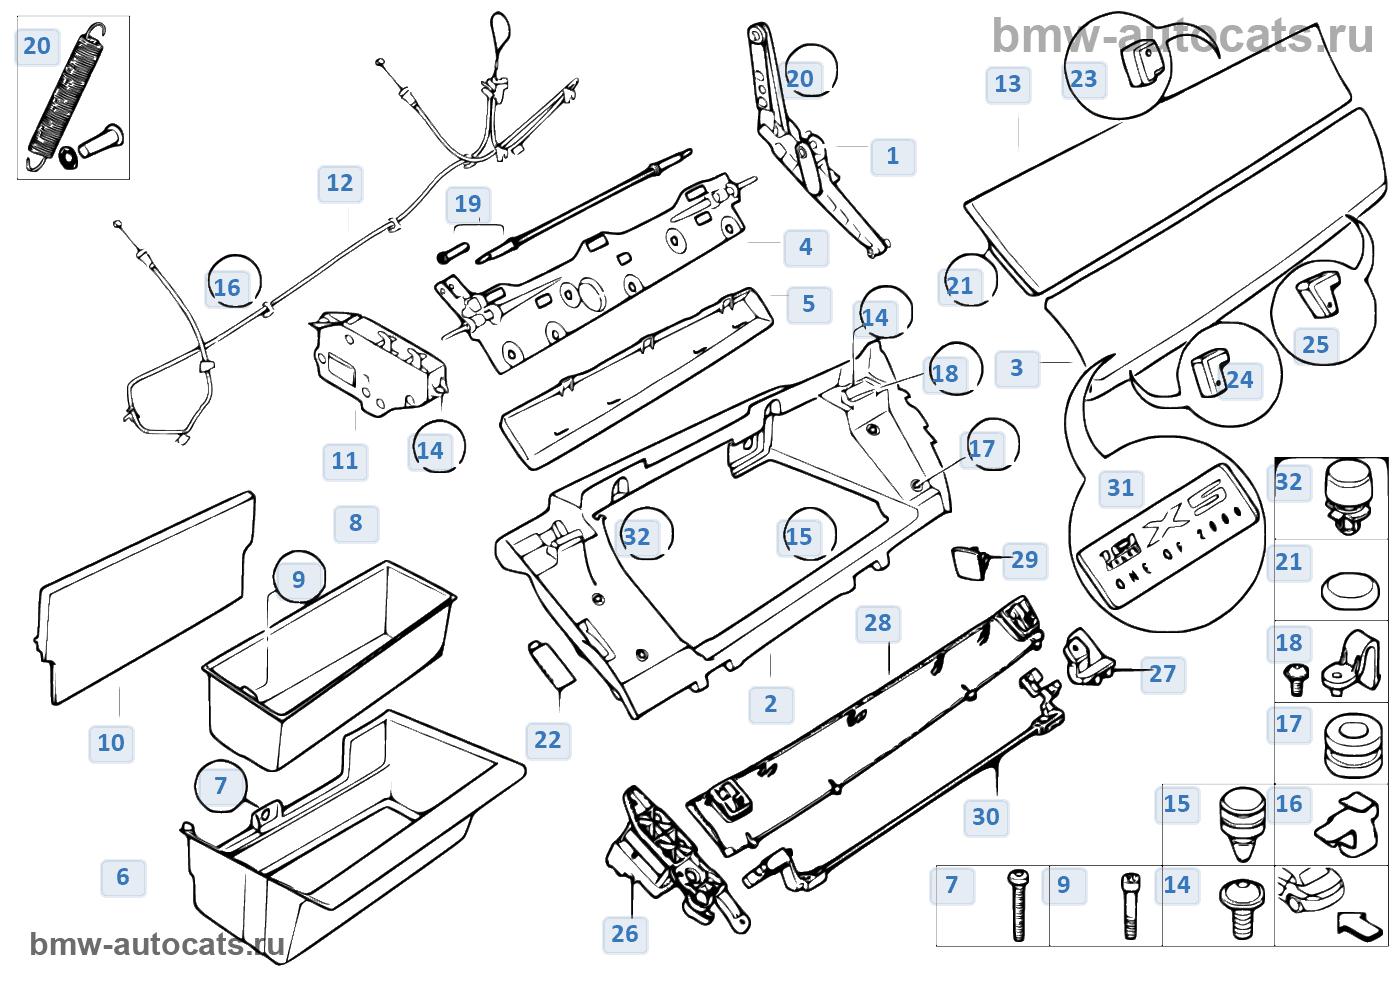 e70 bmw parts catalog